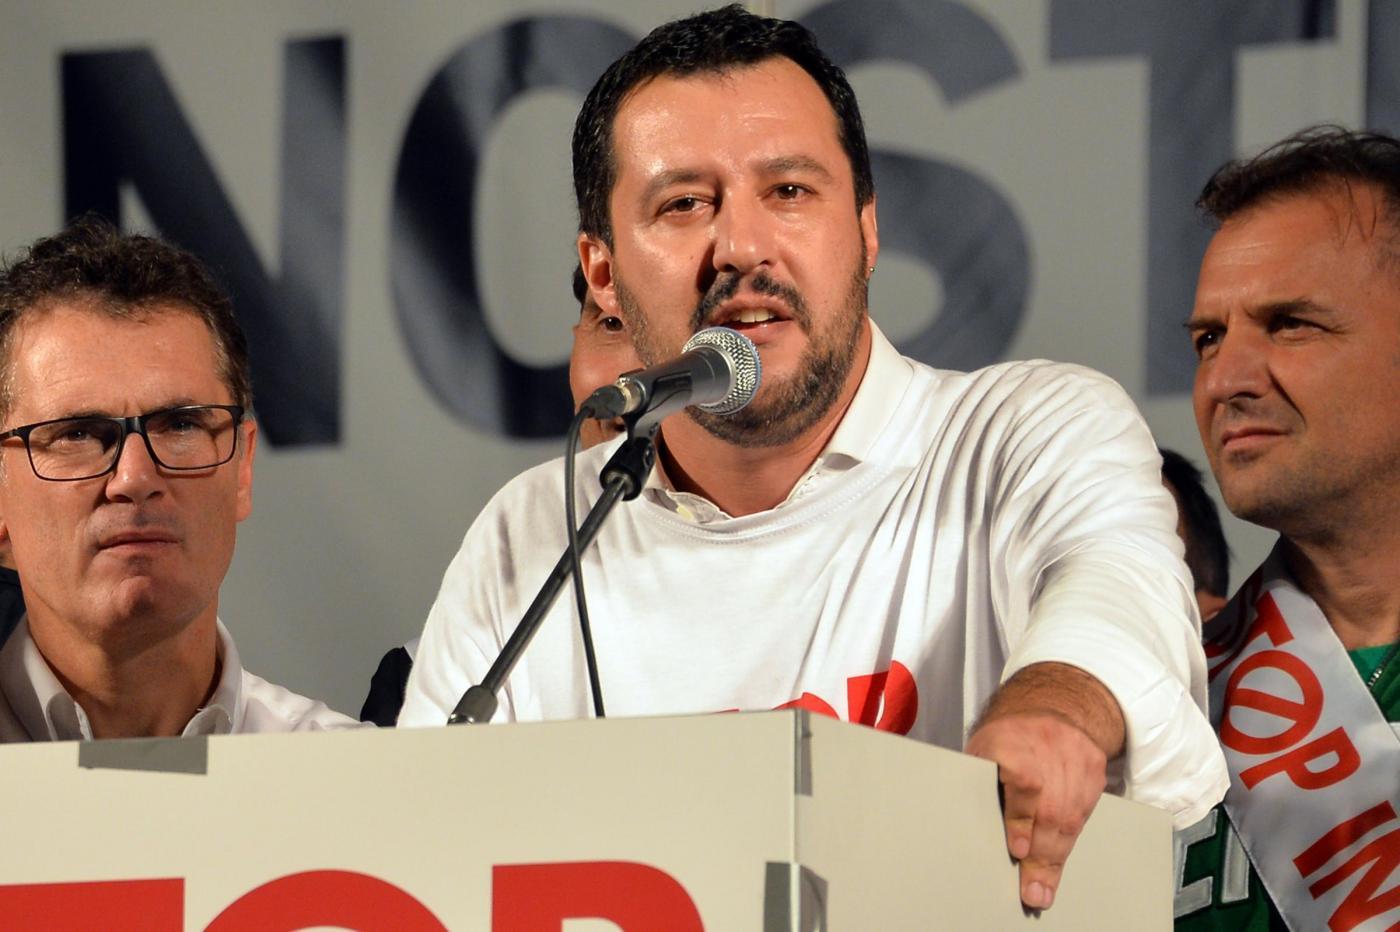 Sondaggi, Renzi risale al 40%. La Lega all'8%. Giù Fi e M5S